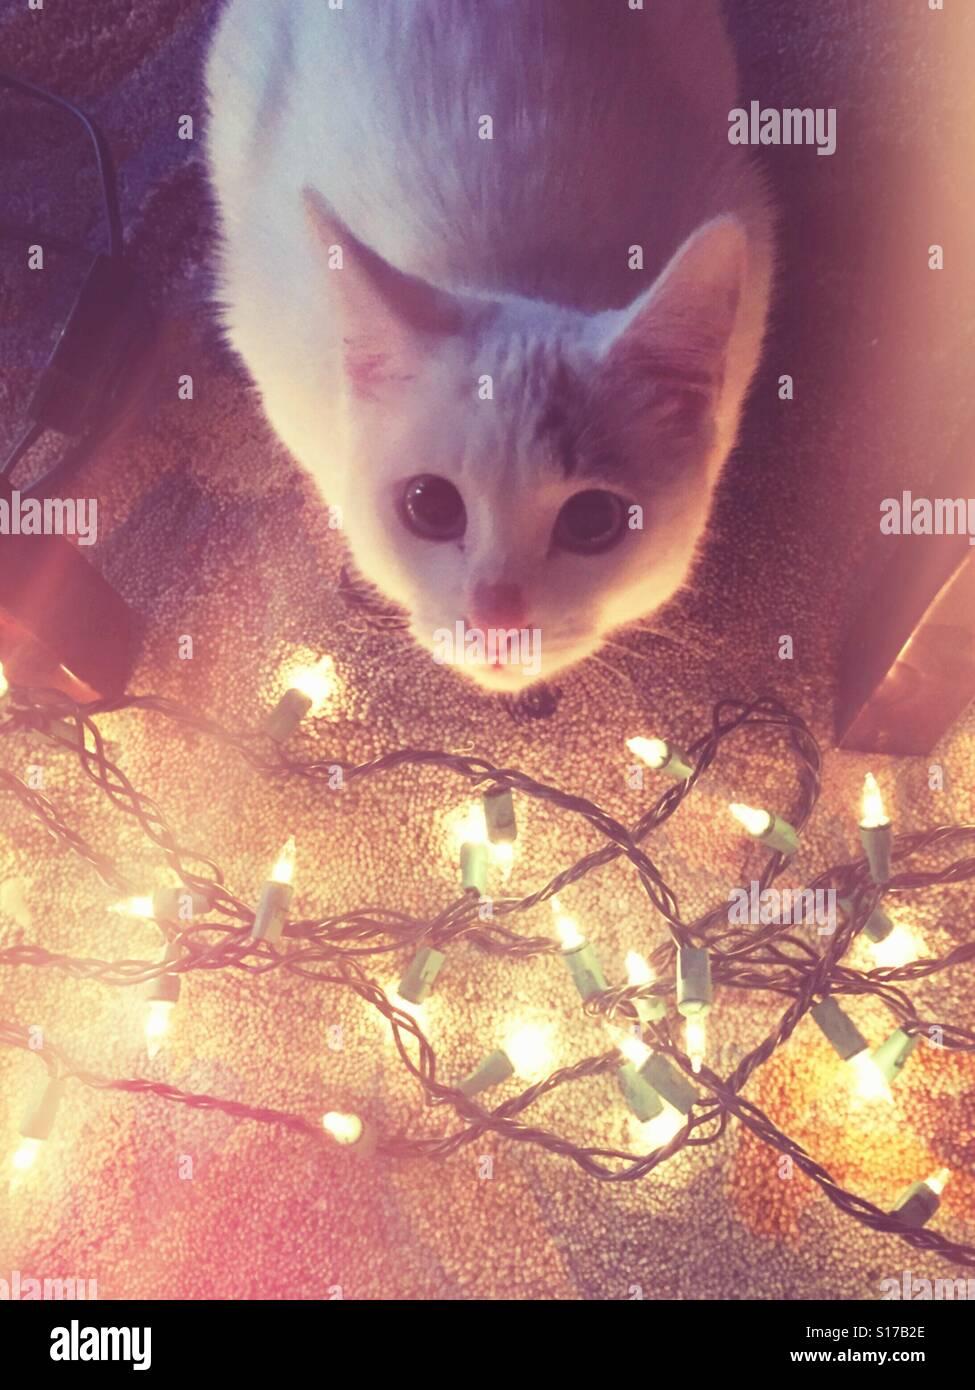 Niedlichen Kätzchen sitzt von funkelnden Weihnachtsbeleuchtung. Stockbild